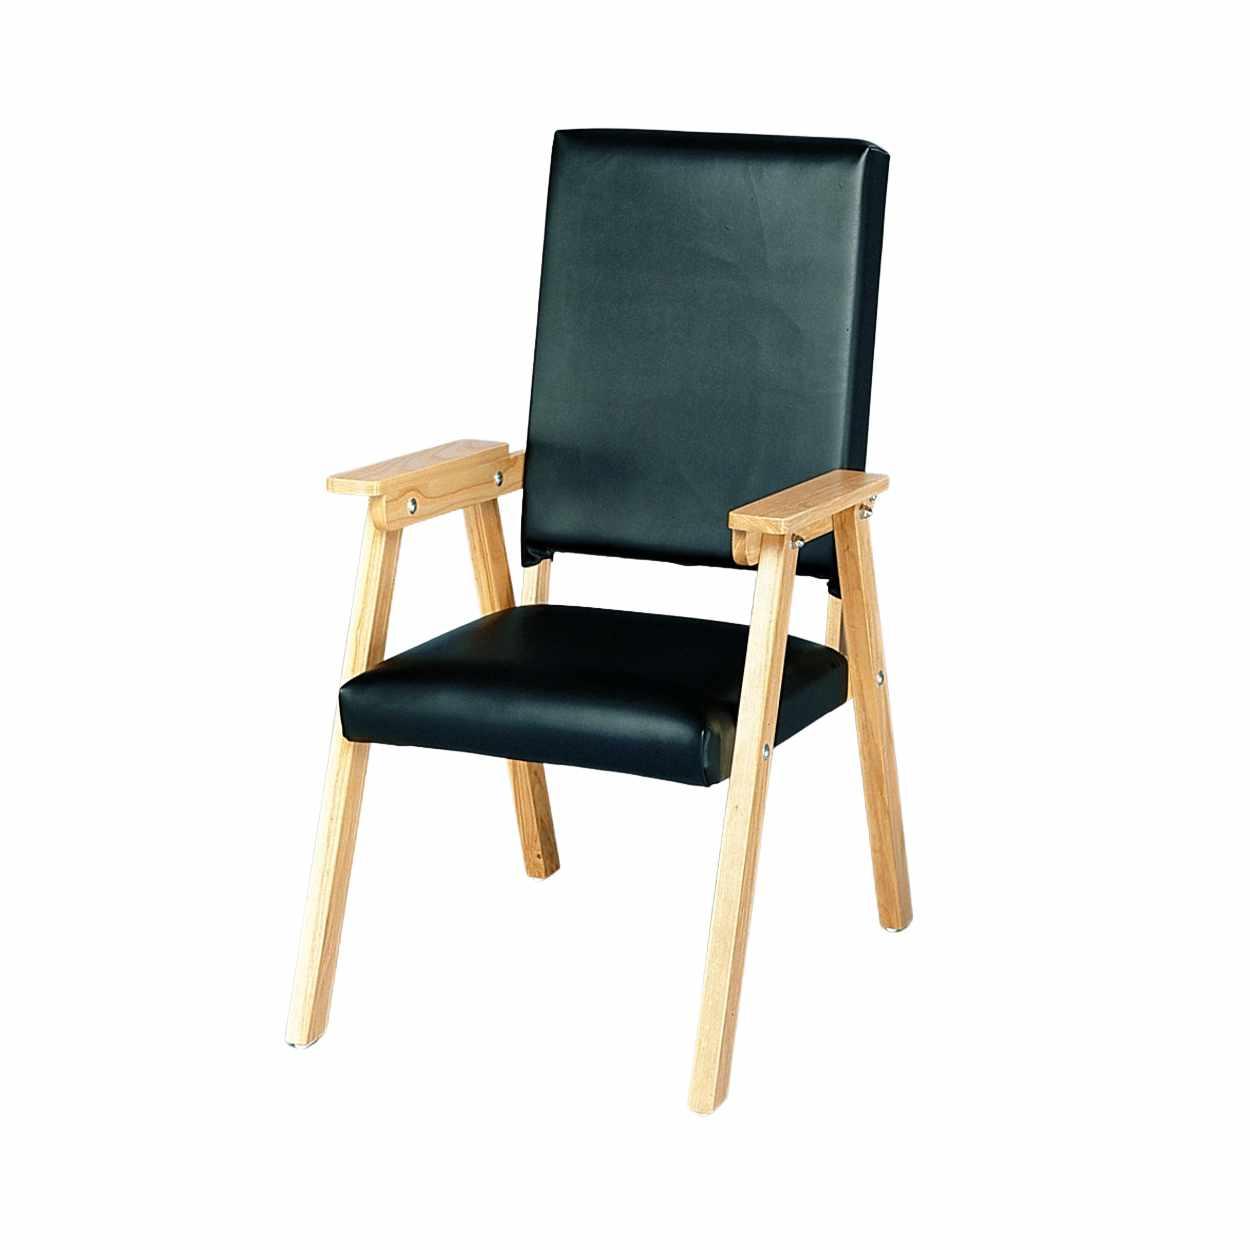 Bailey geri chair